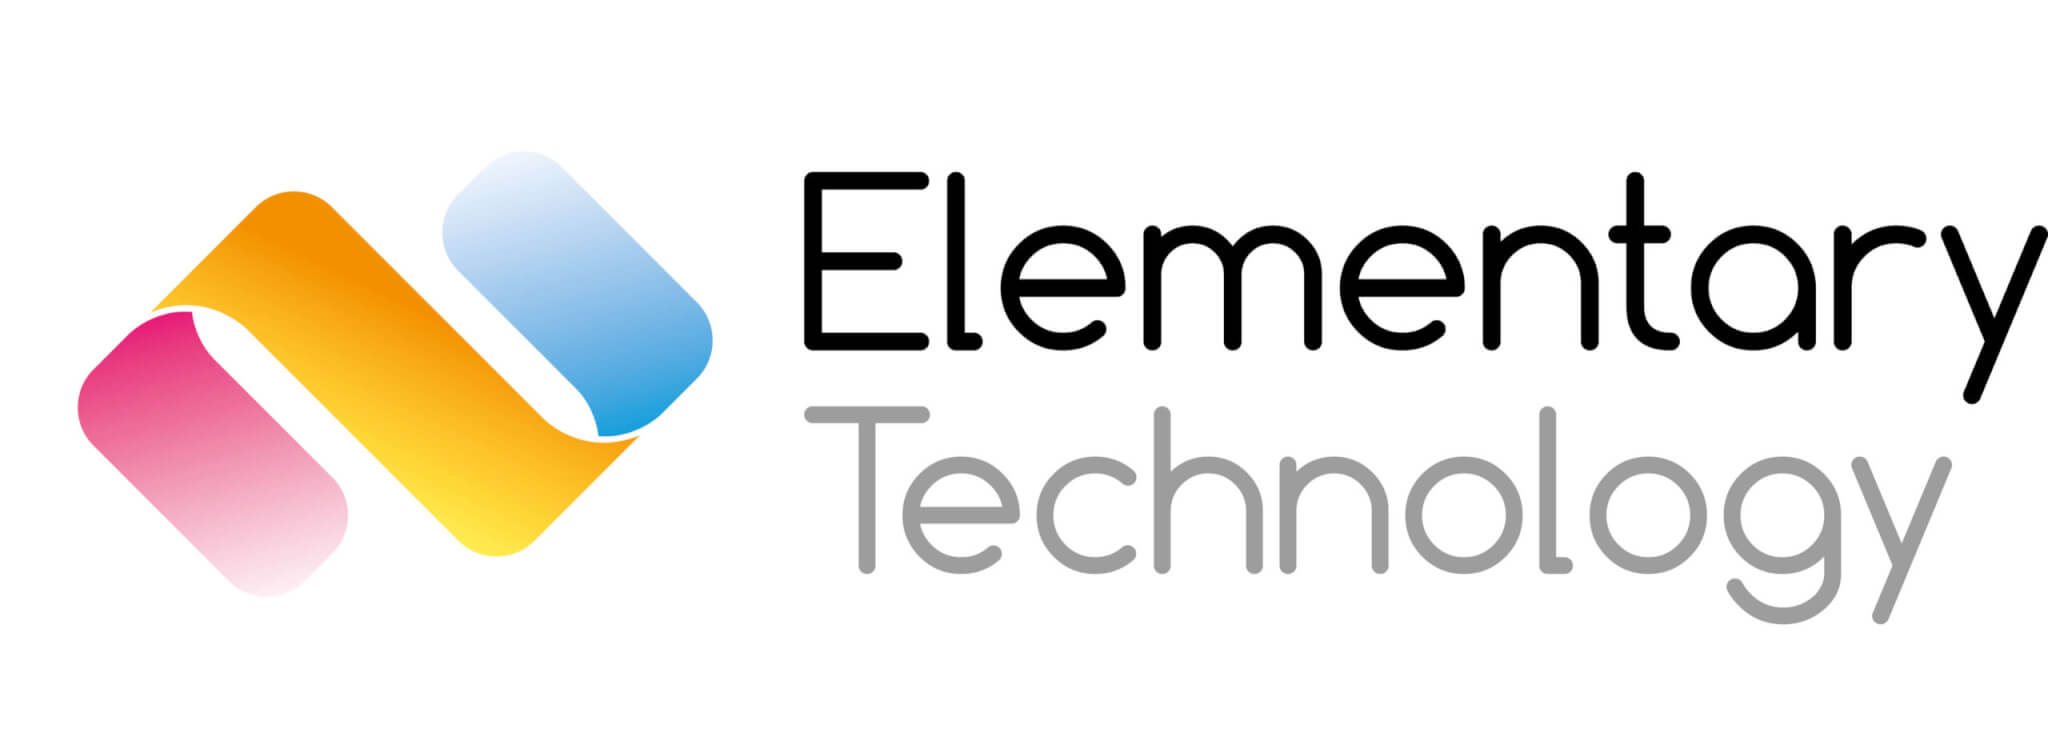 http://londonbroncosrl.com/wp-content/uploads/2021/03/ET-Logo-LARGE-scaled.jpg